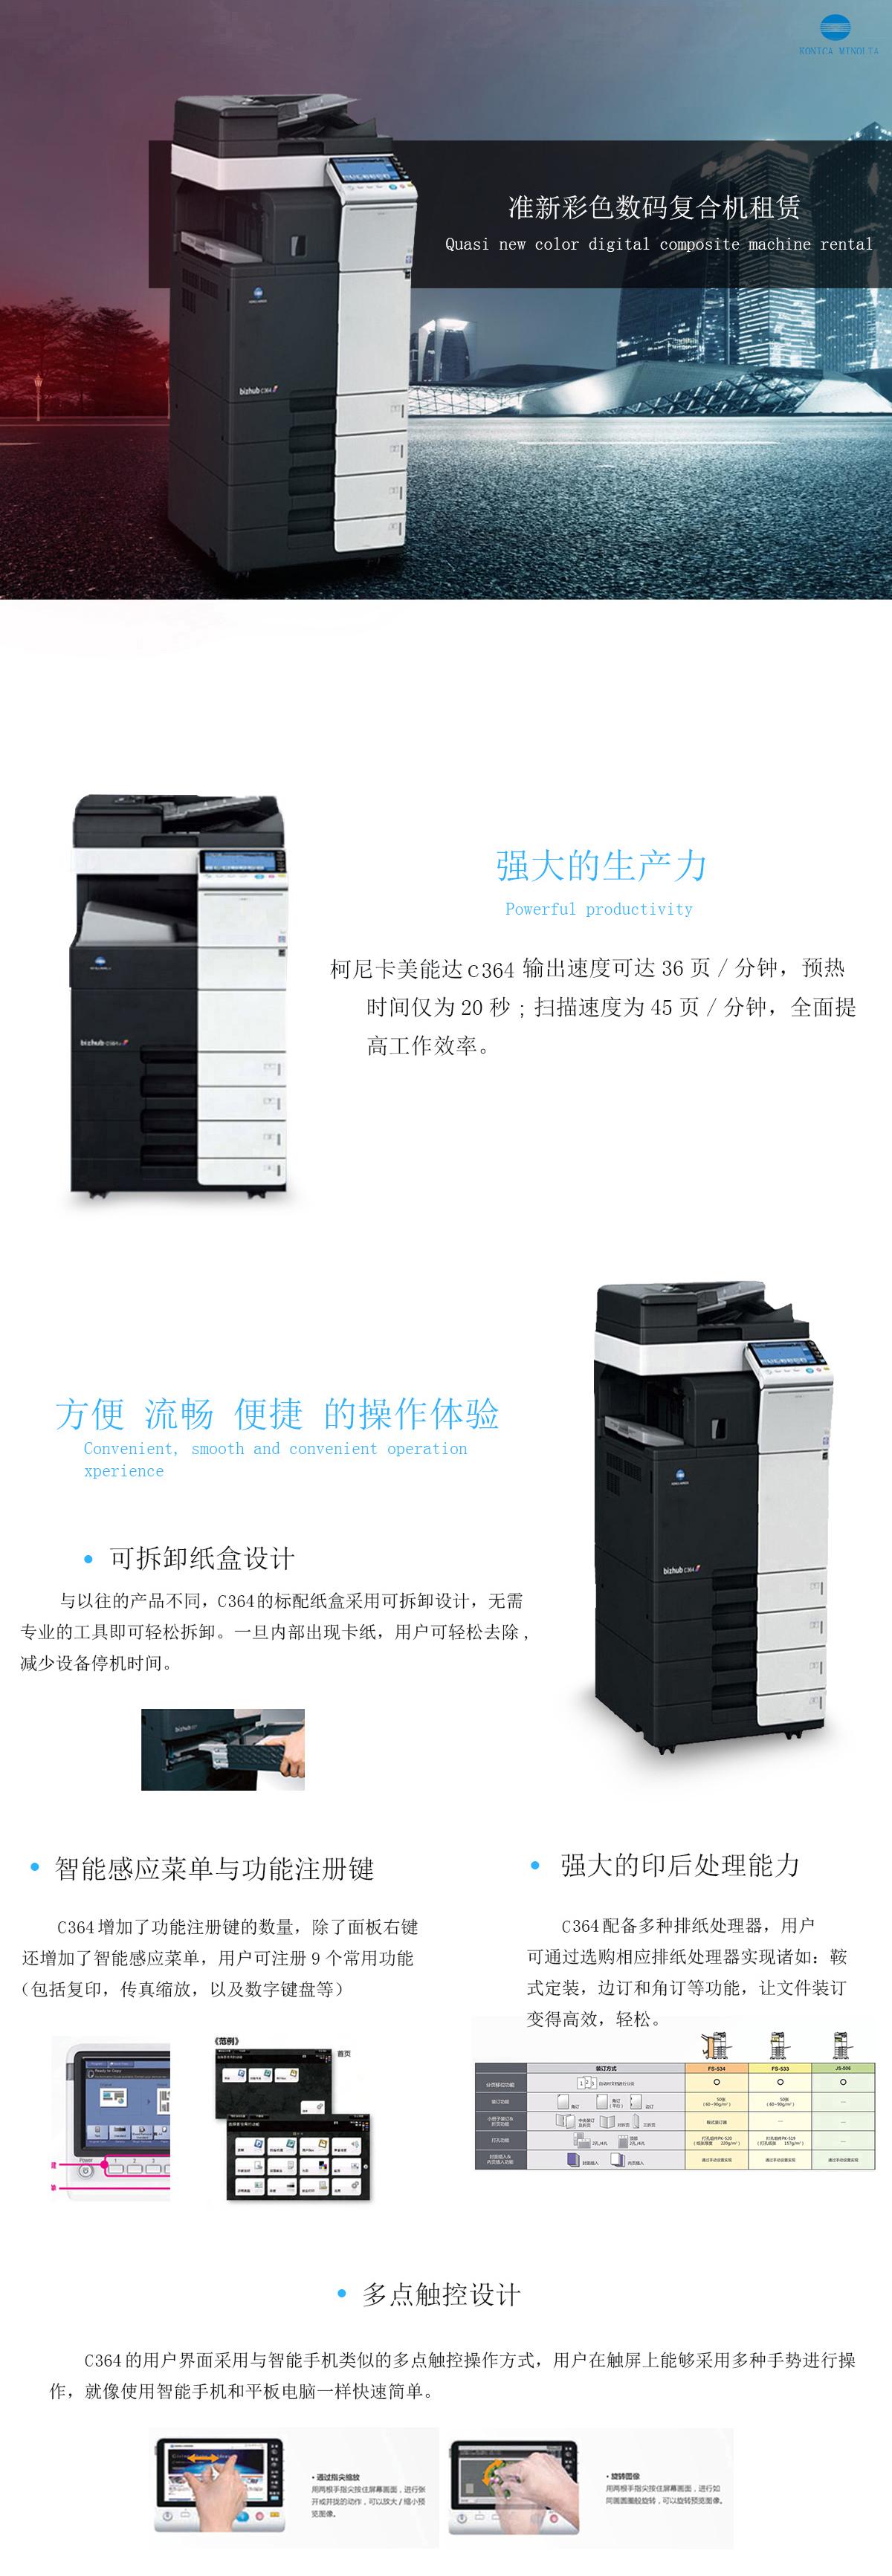 (准新机)C364 柯尼卡美能达复合机A3A4彩色激光网络打印扫描一体机(打印/复印/网络扫描)(图1)